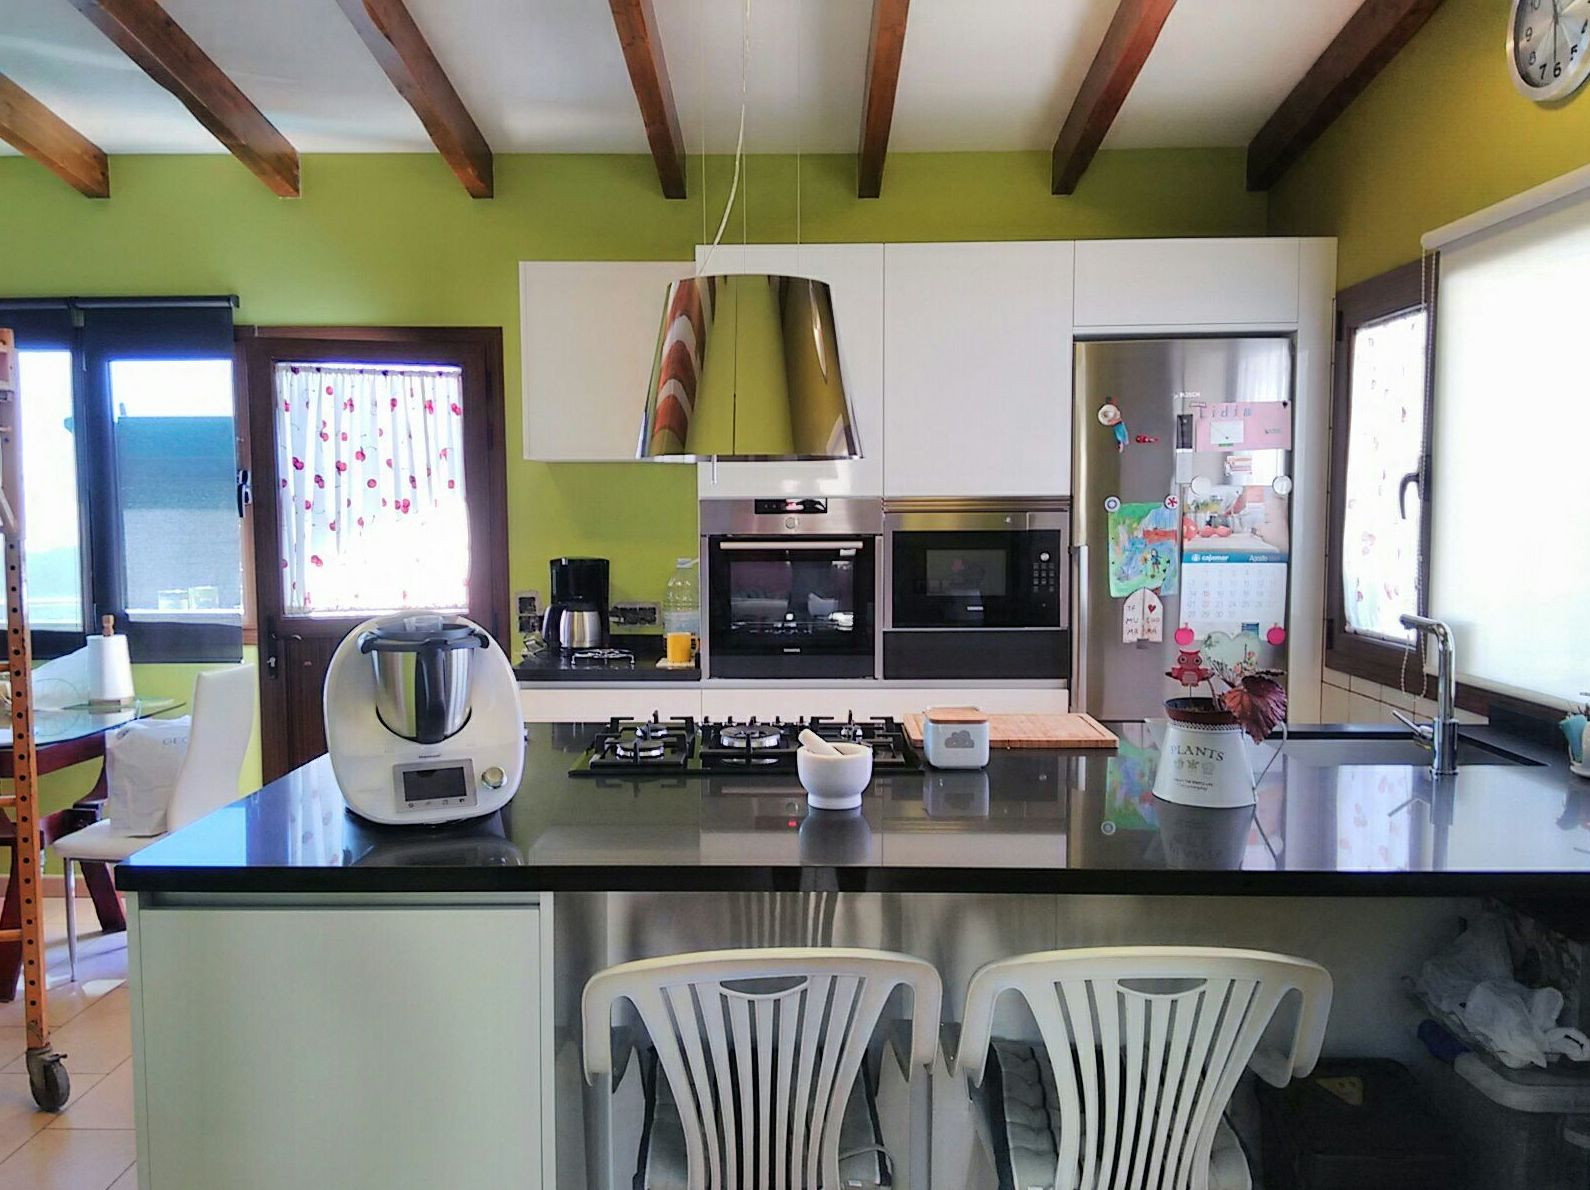 Cocina Cocinas Xey Catalogo Galer A De Fotos De Decoraci N Del  # Muebles De Cocina Sukalde